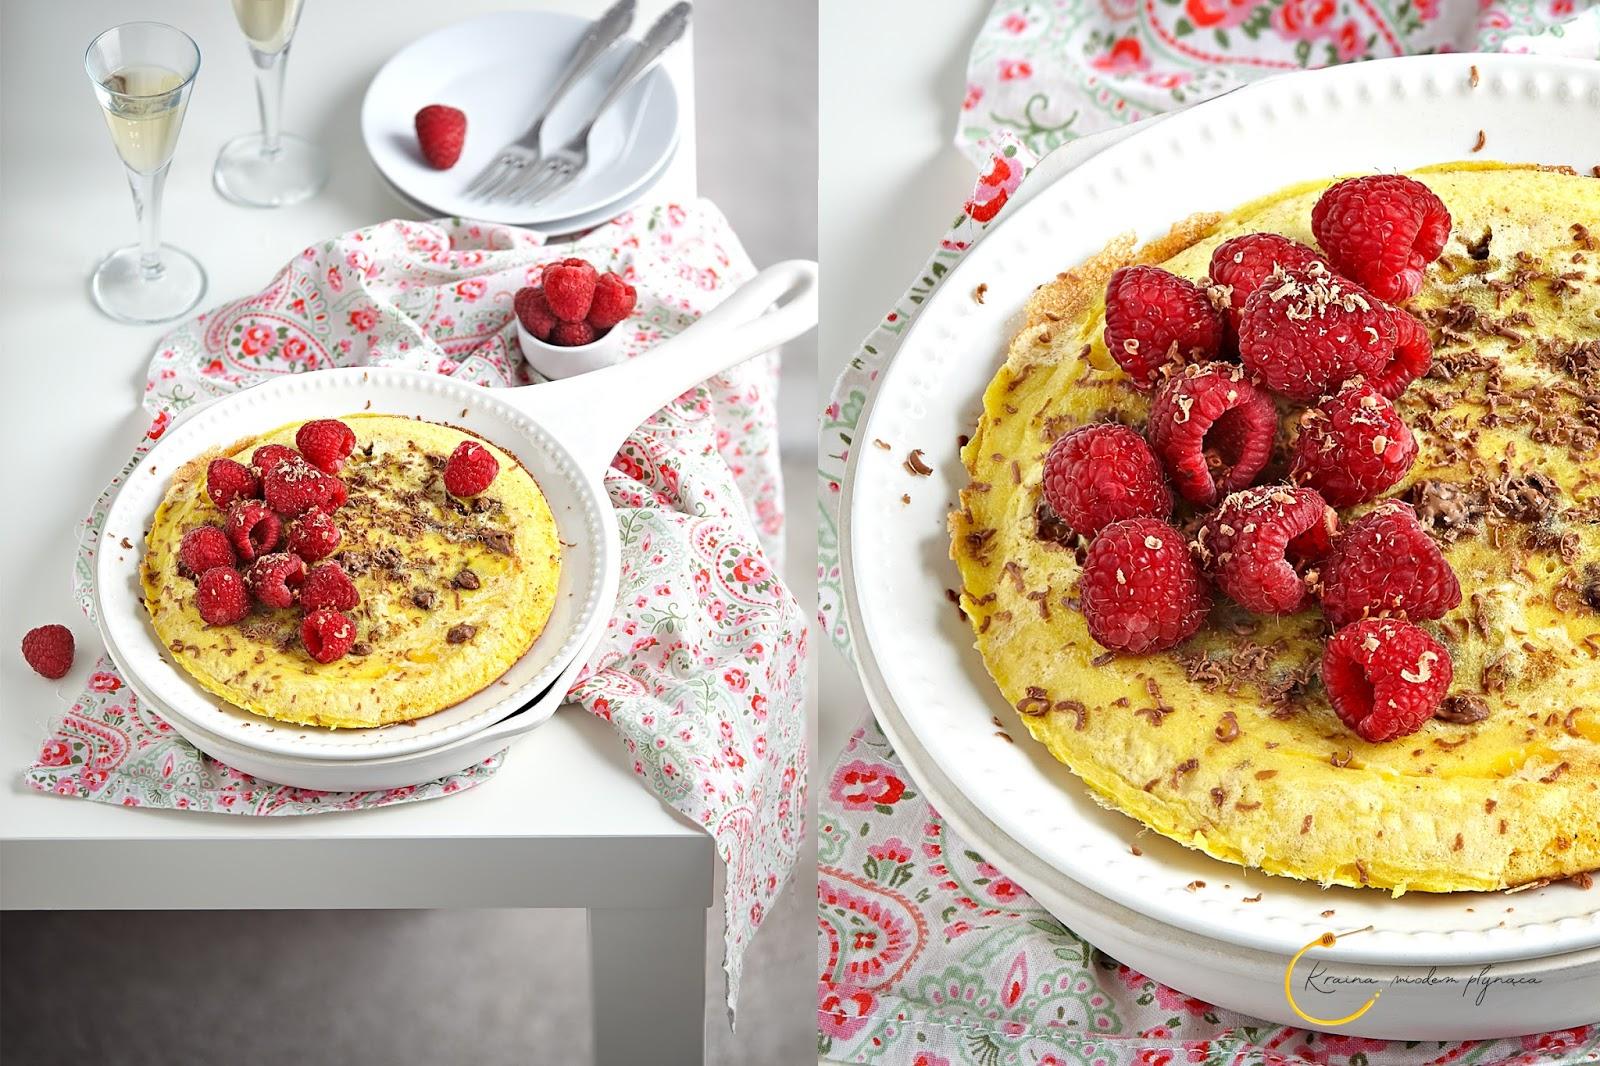 omlet z czekoladą, omlet jajeczny, omlet czekoladowy, omlet bez ubijania piany, omlet z owocami, grzybek z czekolada, grzybek czekoladowy, pomysł na śniadanie, pomysł na walentynki, kraina miodem płynąca, fotografia kulinarna szczecin